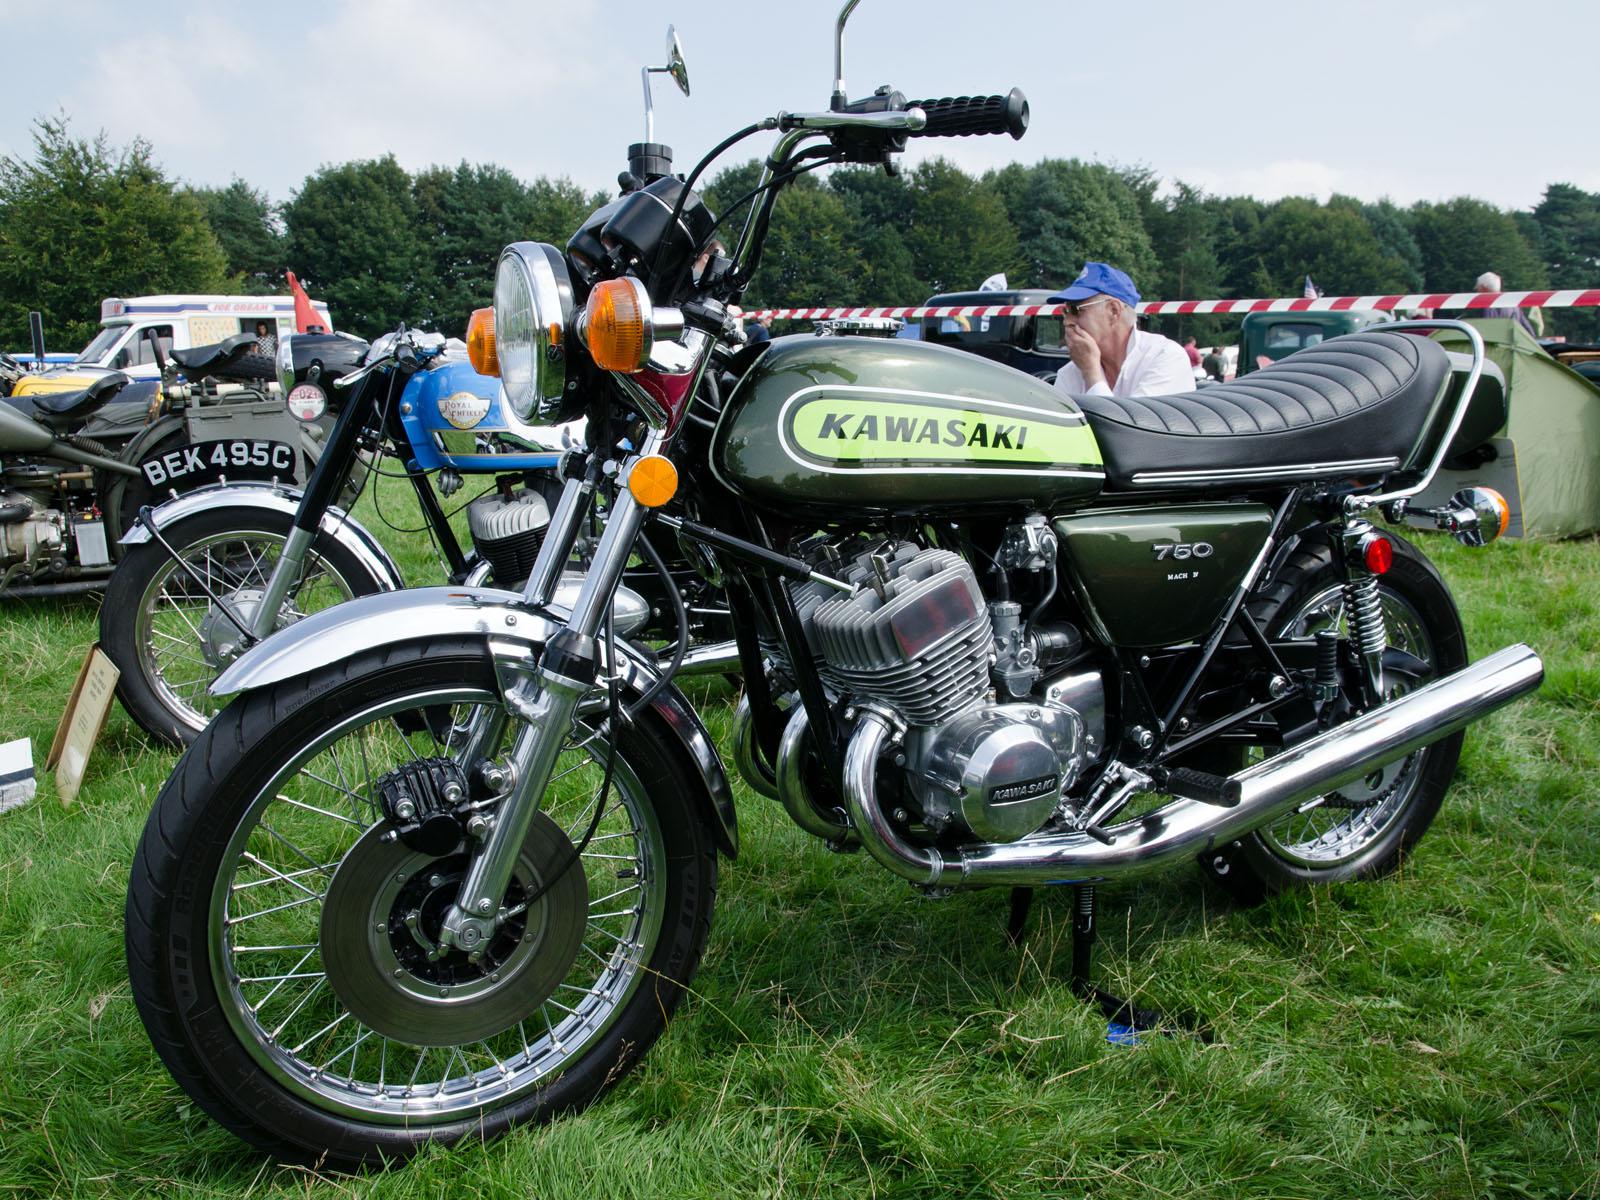 Kawasaki_H2_Mach_IV_(1974)_-_9842534146.